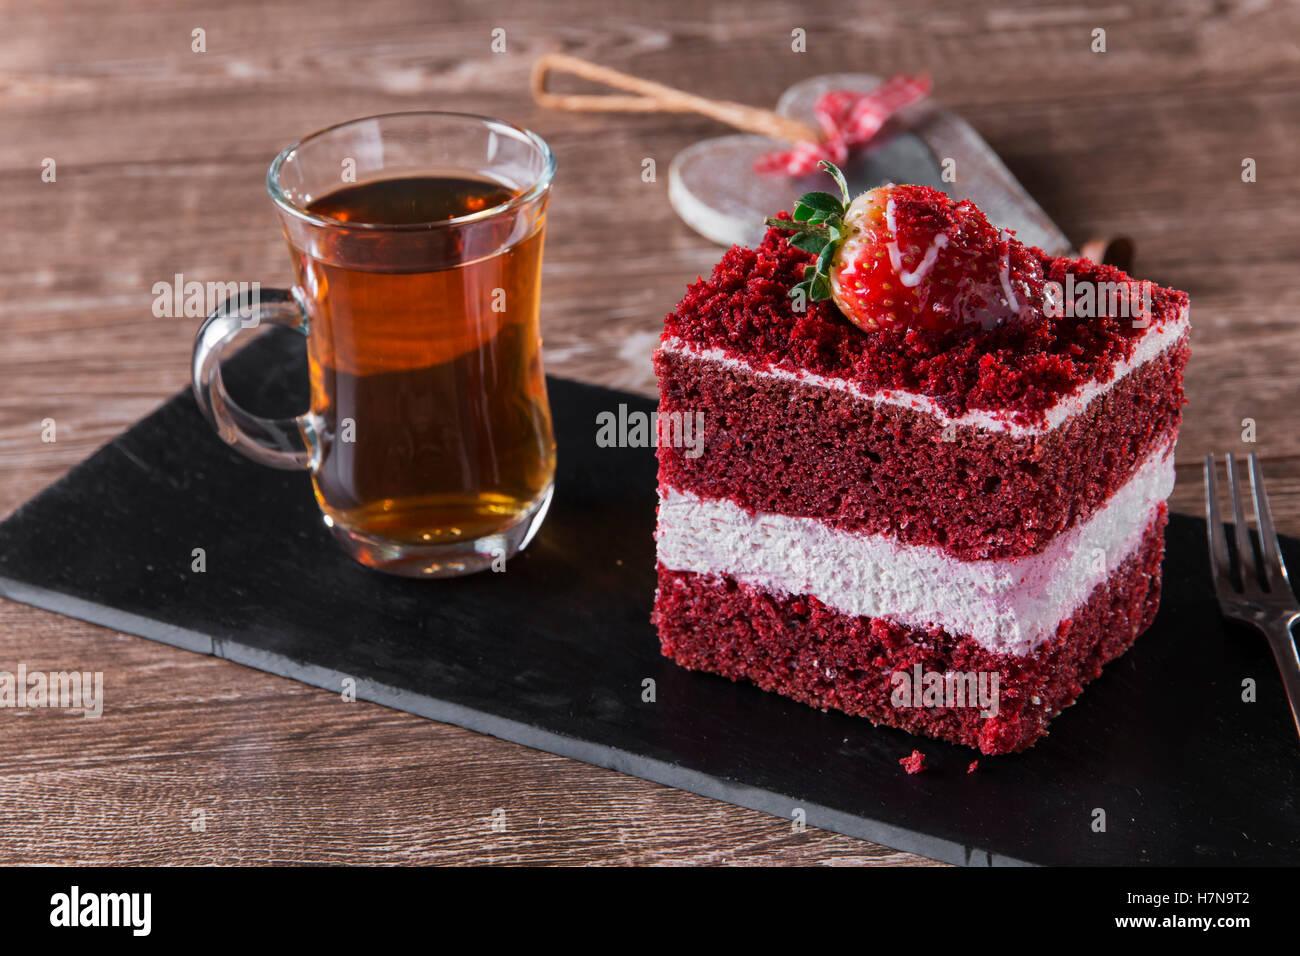 Tranche de gâteau de velours rouge avec glaçage blanc est garnie de fraises close up Photo Stock